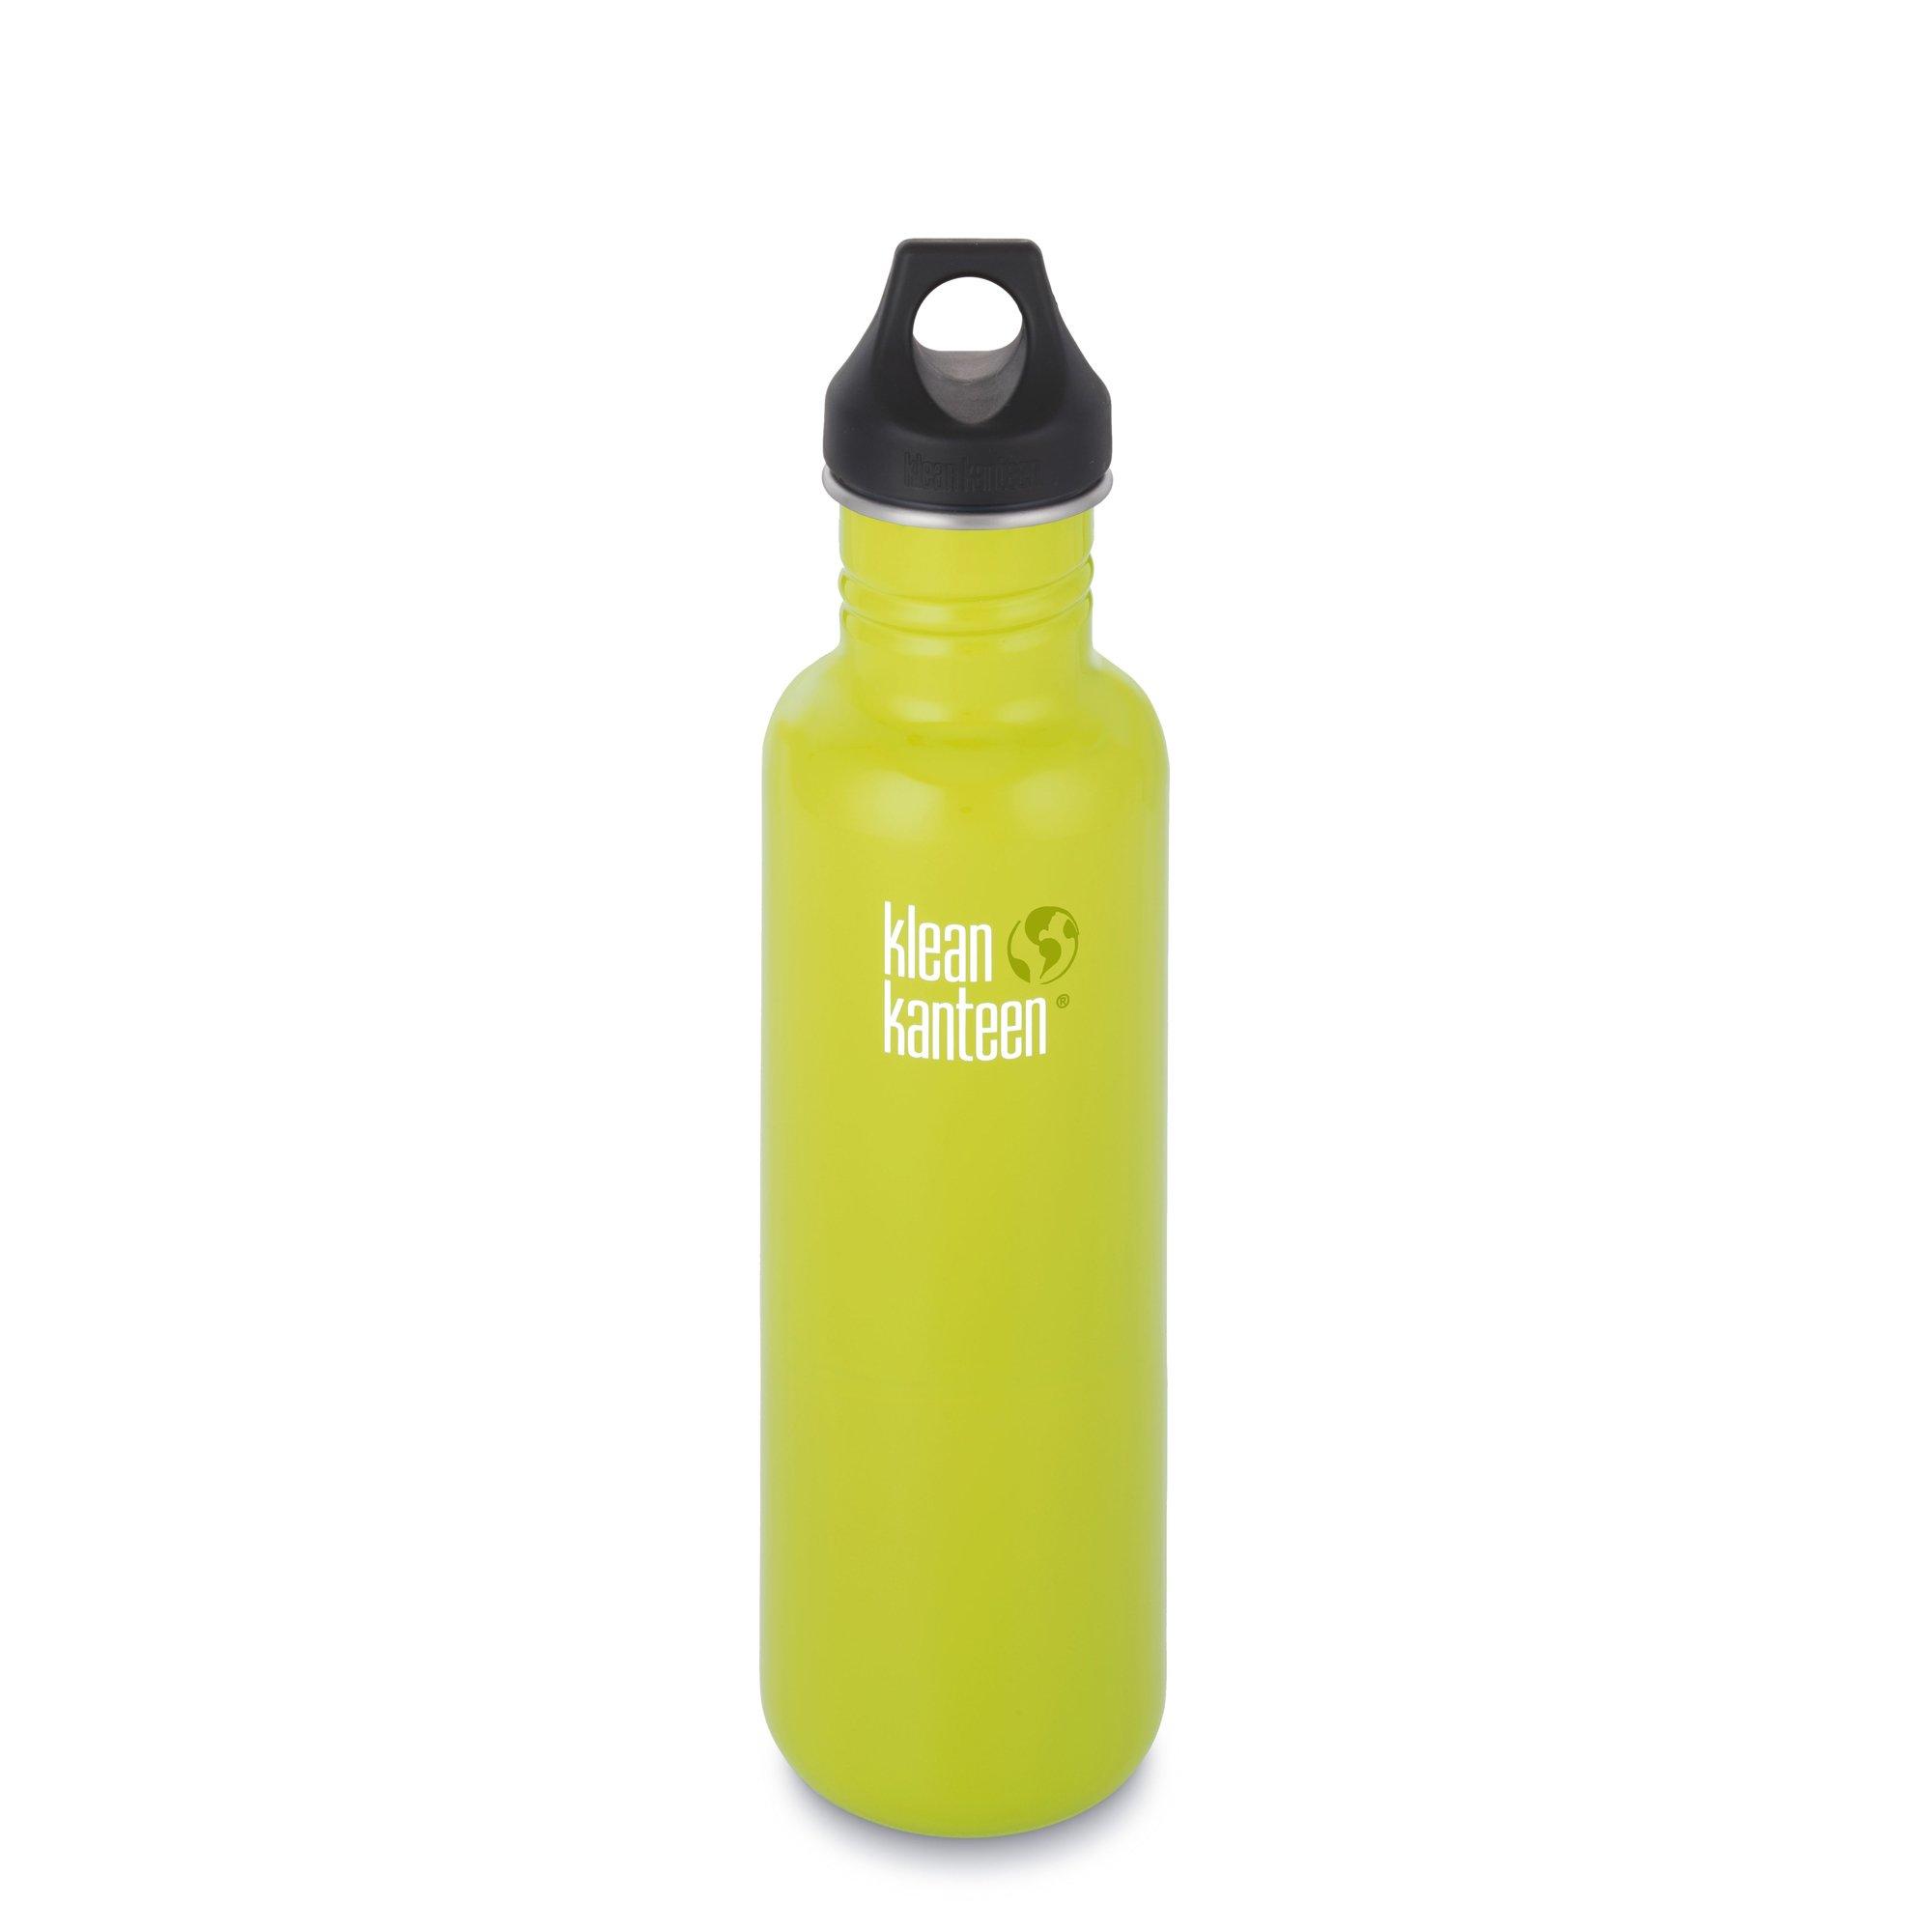 Klean Kanteen Classic Bottle 27 Ounce